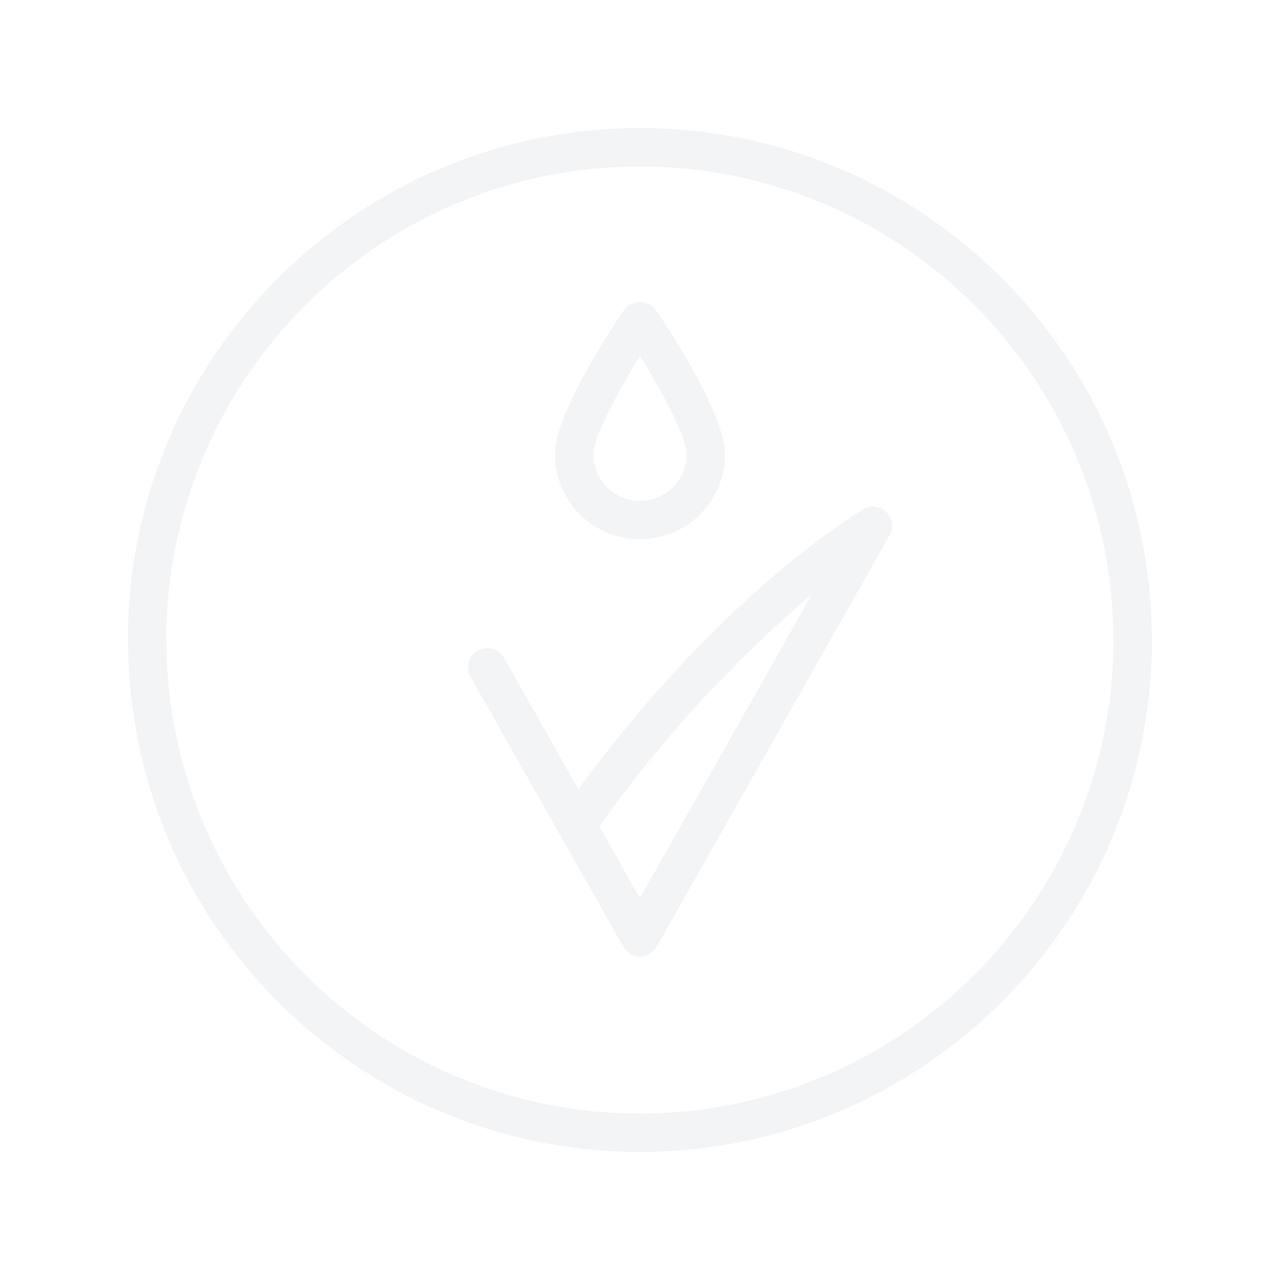 HOLIKA HOLIKA Less On Skin Micellar Cleansing Water 500ml